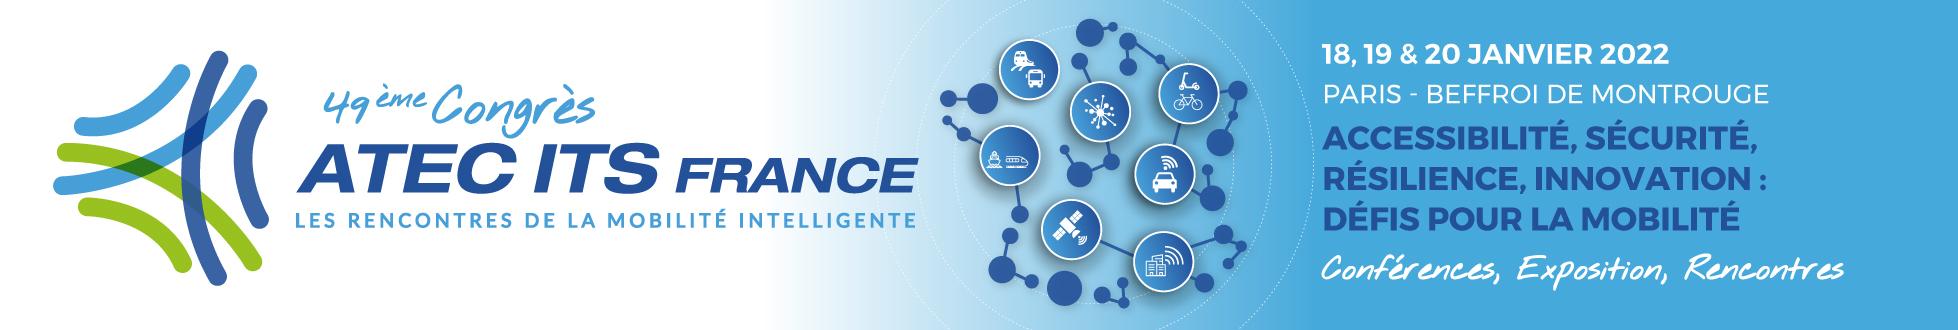 49e congrès ATEC ITS France